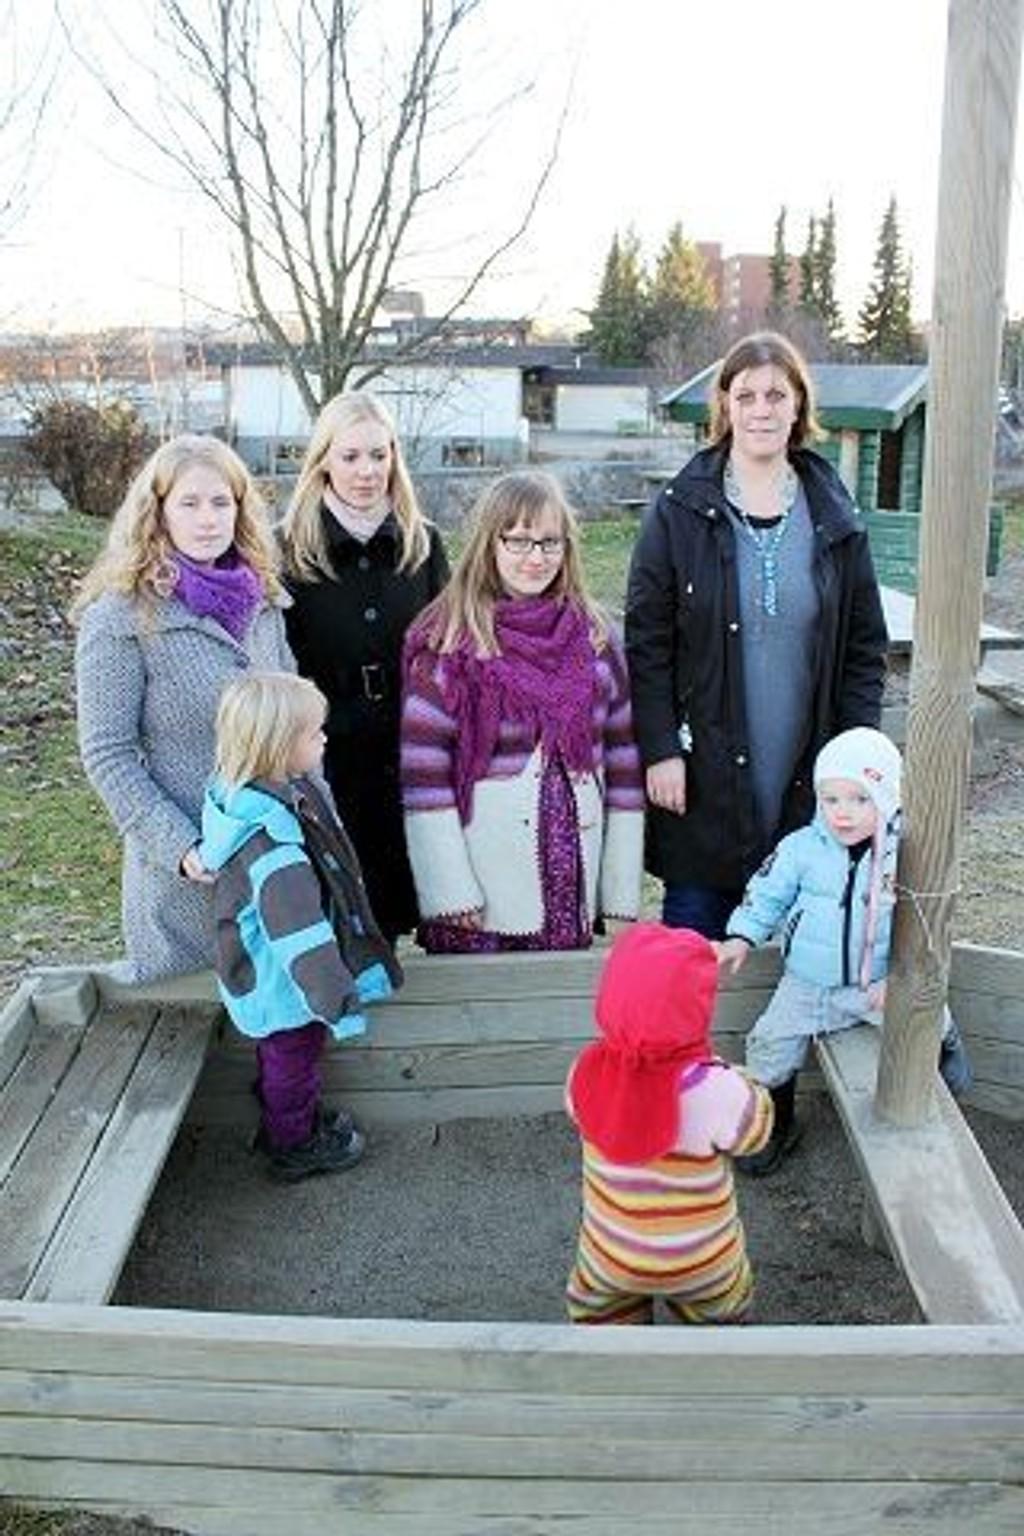 Småbarnsforeldre er bekymret for kvaliteten i Østensjøs barnehager. Her noen representanter for foreldreaksjonen.